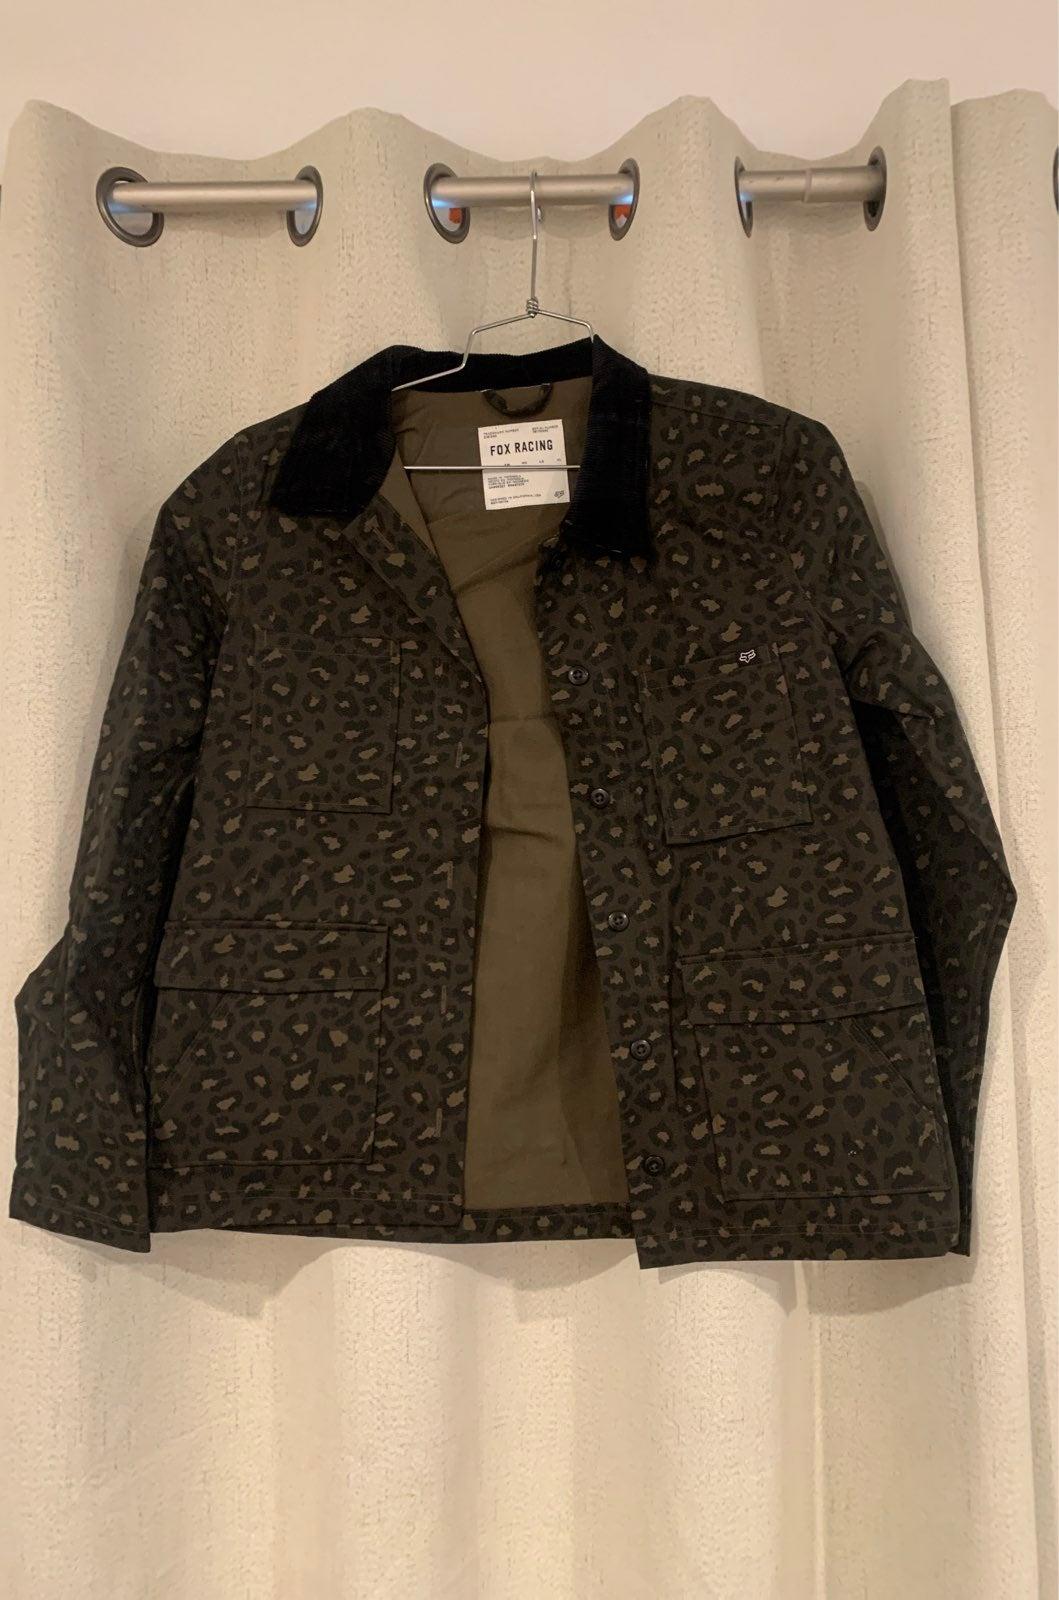 Fox racing womens jacket